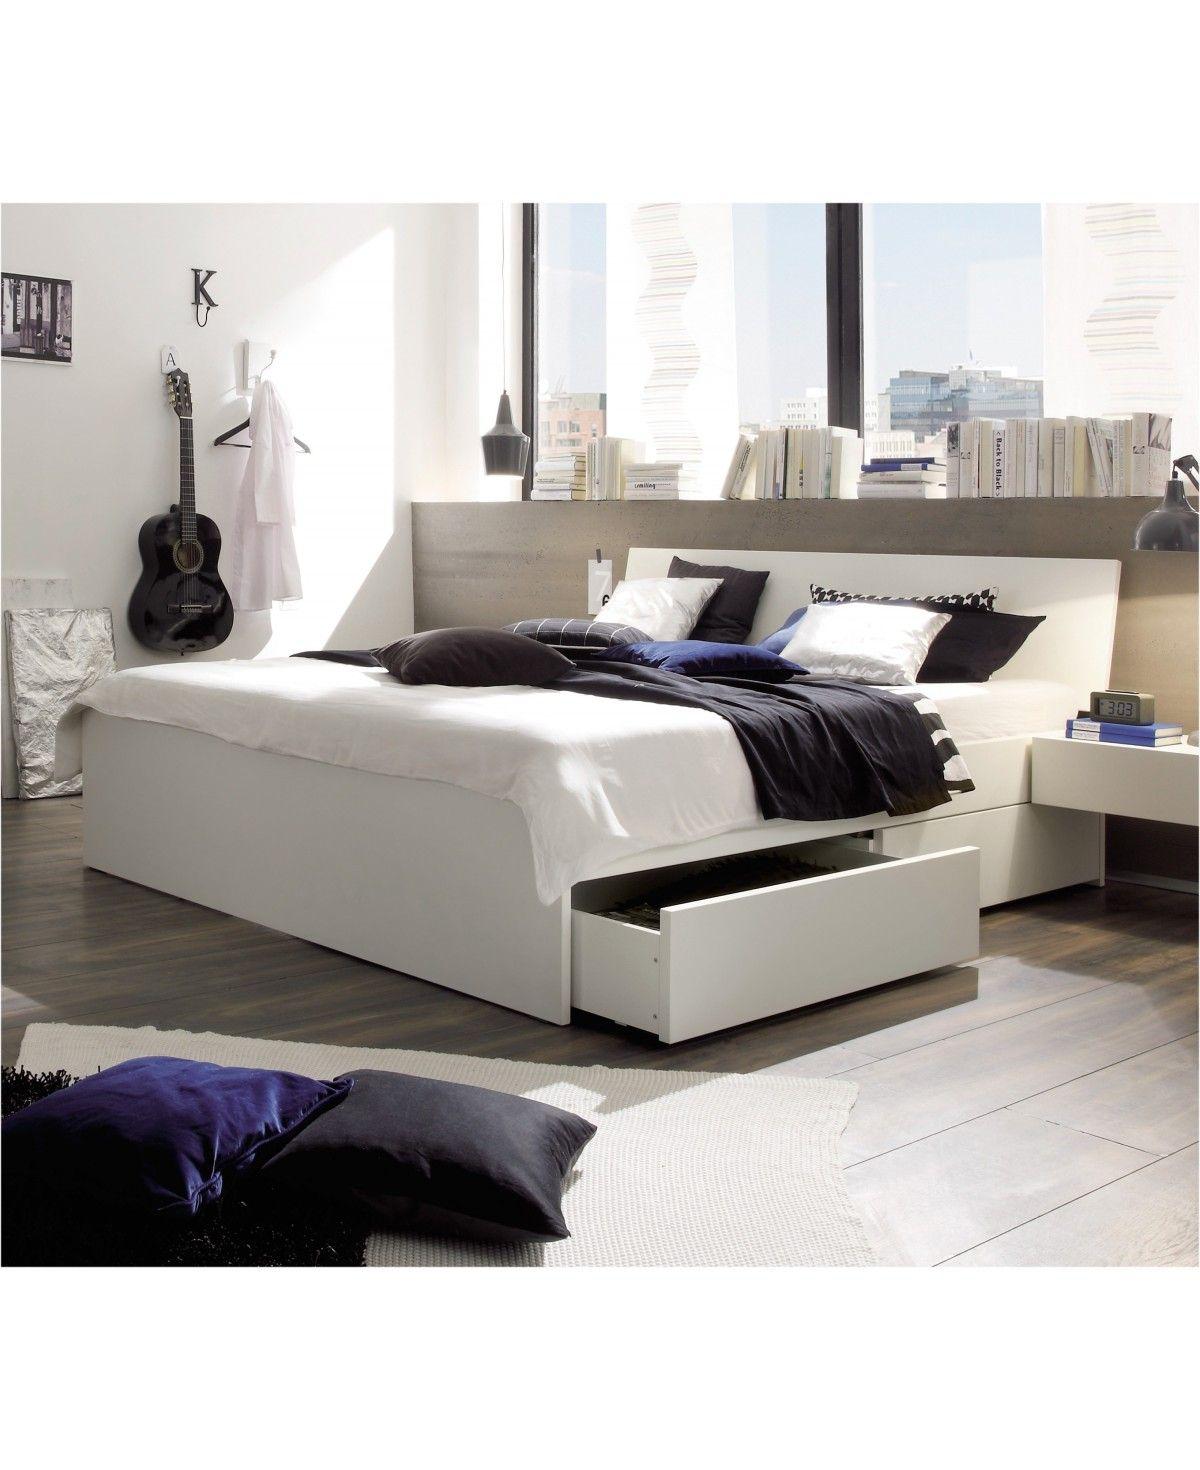 hasena spazio stauraumbett mit schubladen buche weiß lackiert 180x200